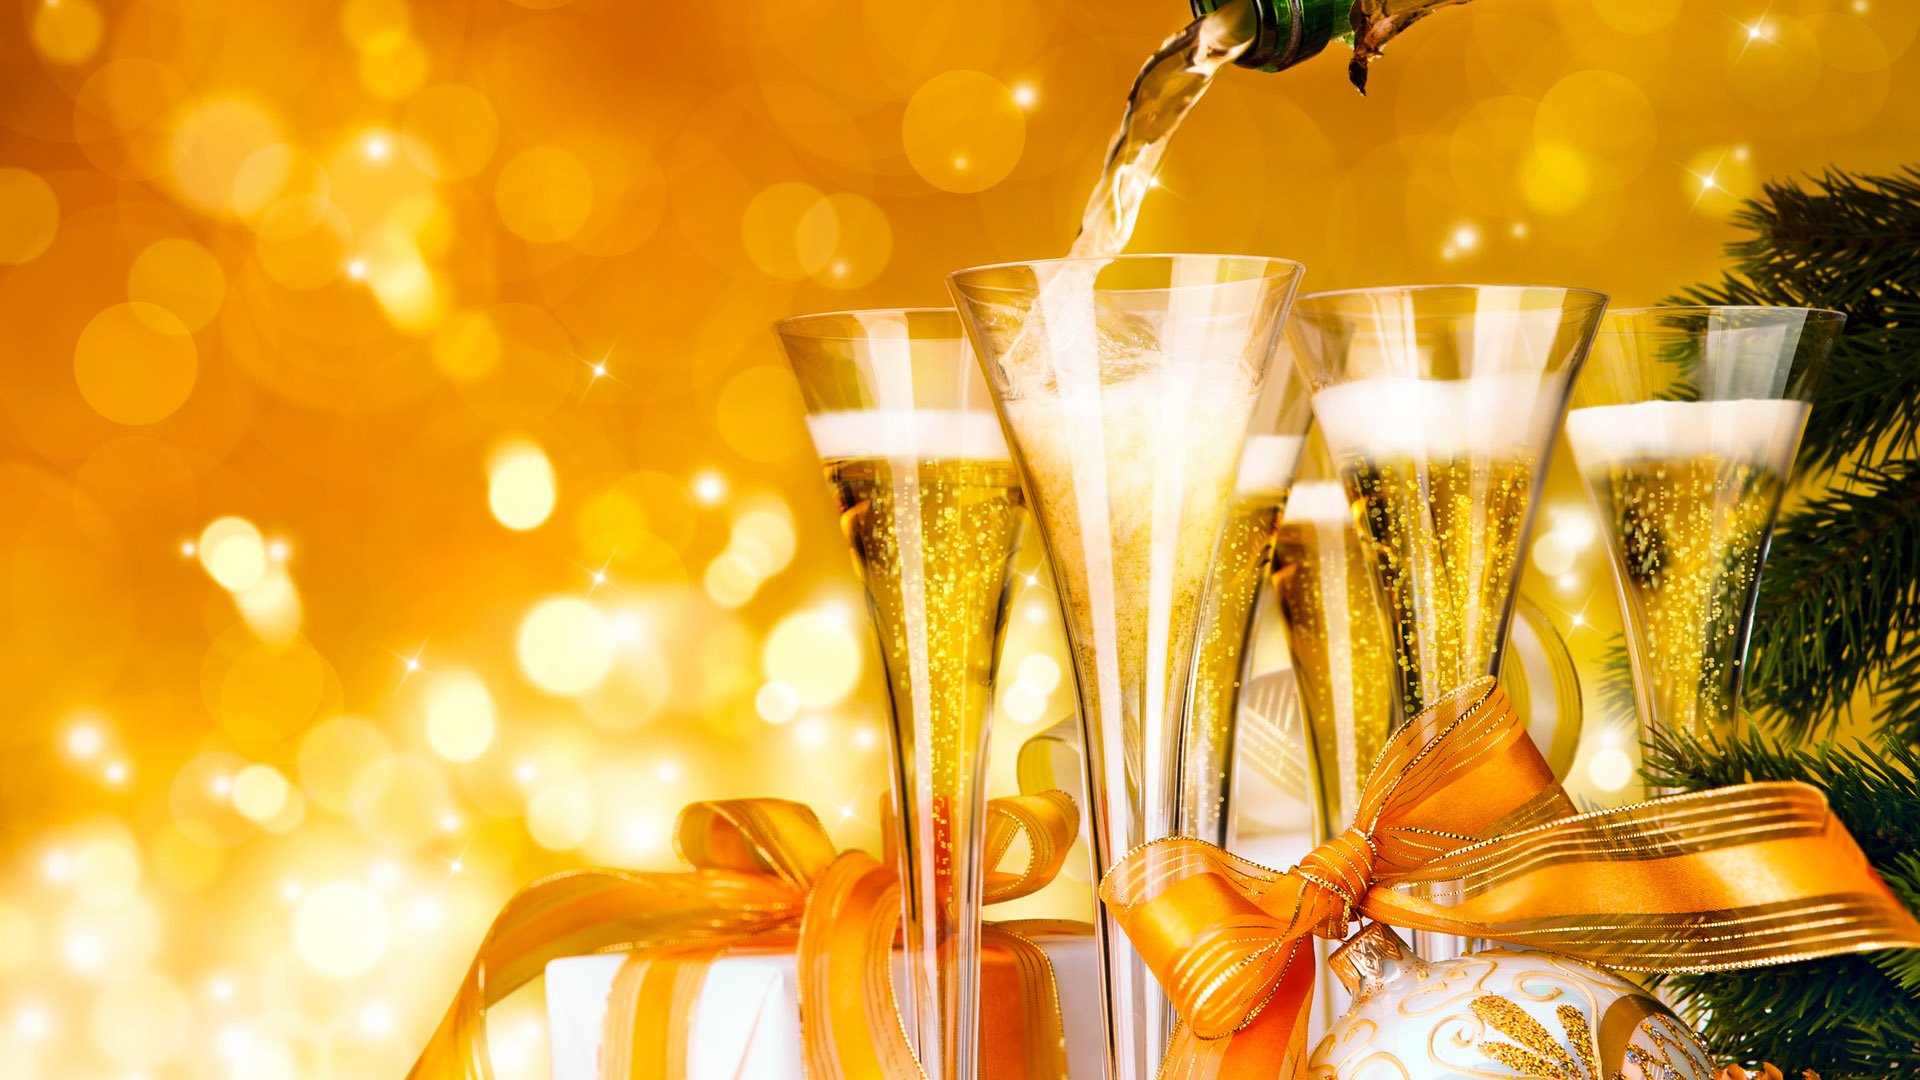 Новогоднее шампанское: как украсить бутылку на Новый год 2019 своими руками? новые фото